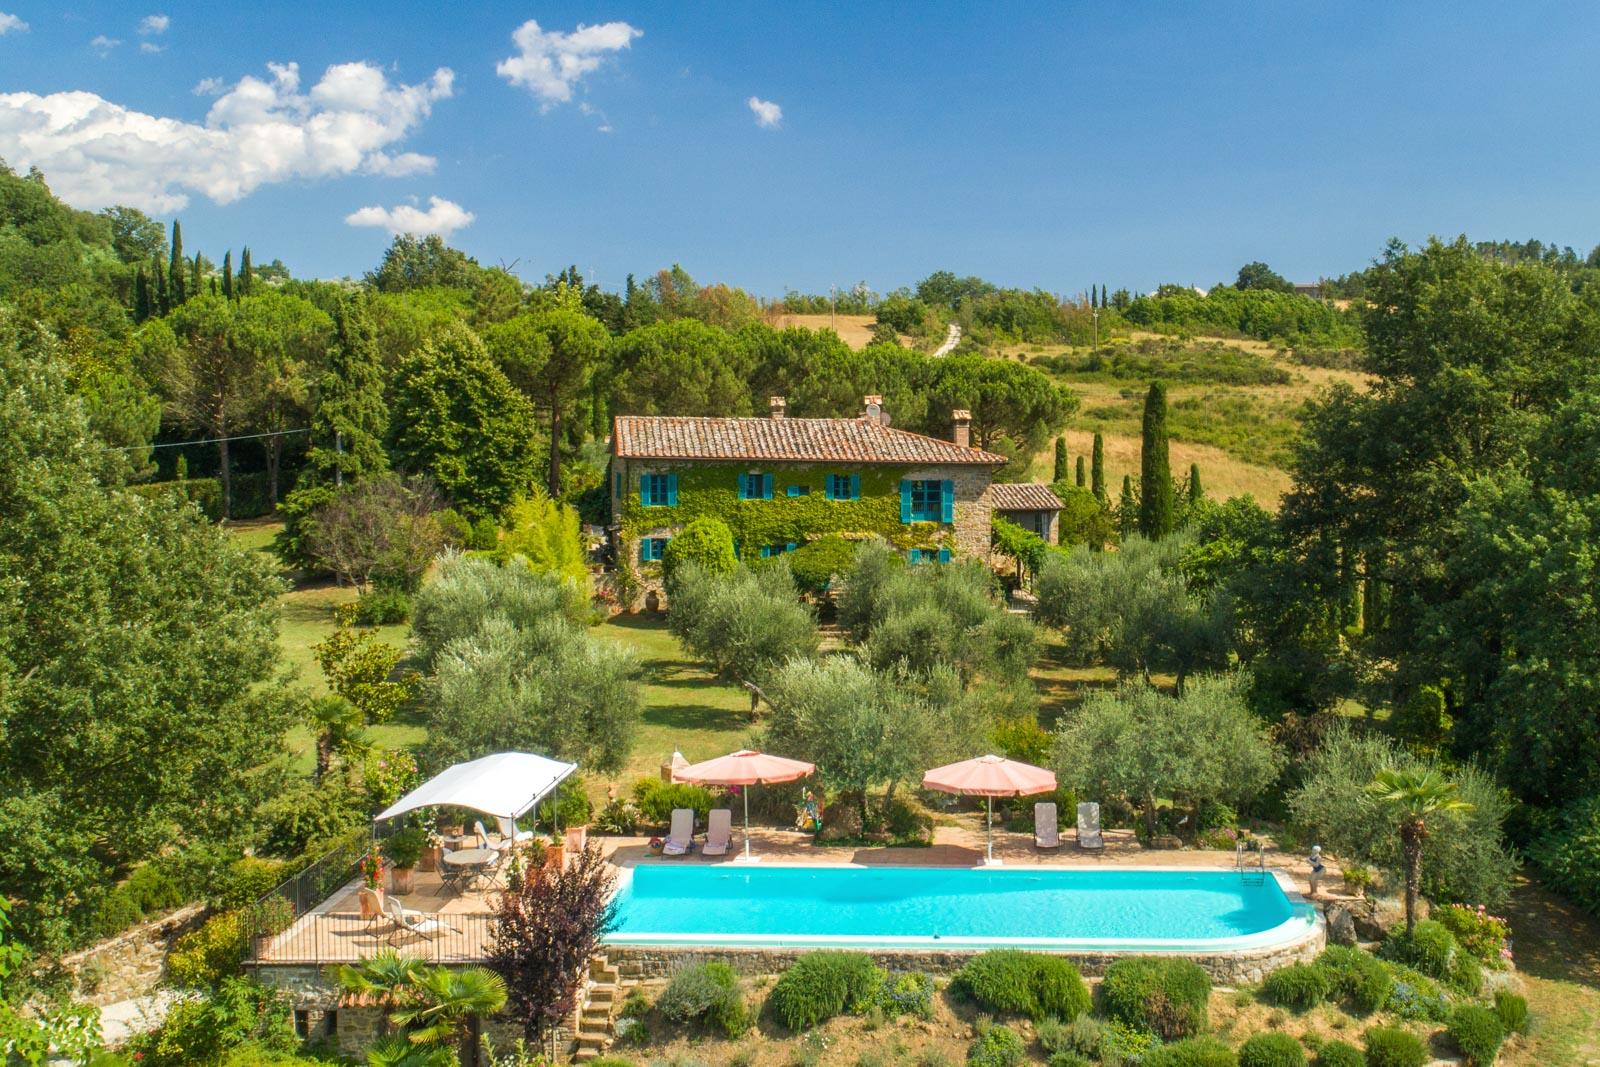 Accogliente casale con piscina tra le verdi colline dell'Umbria settentrionale